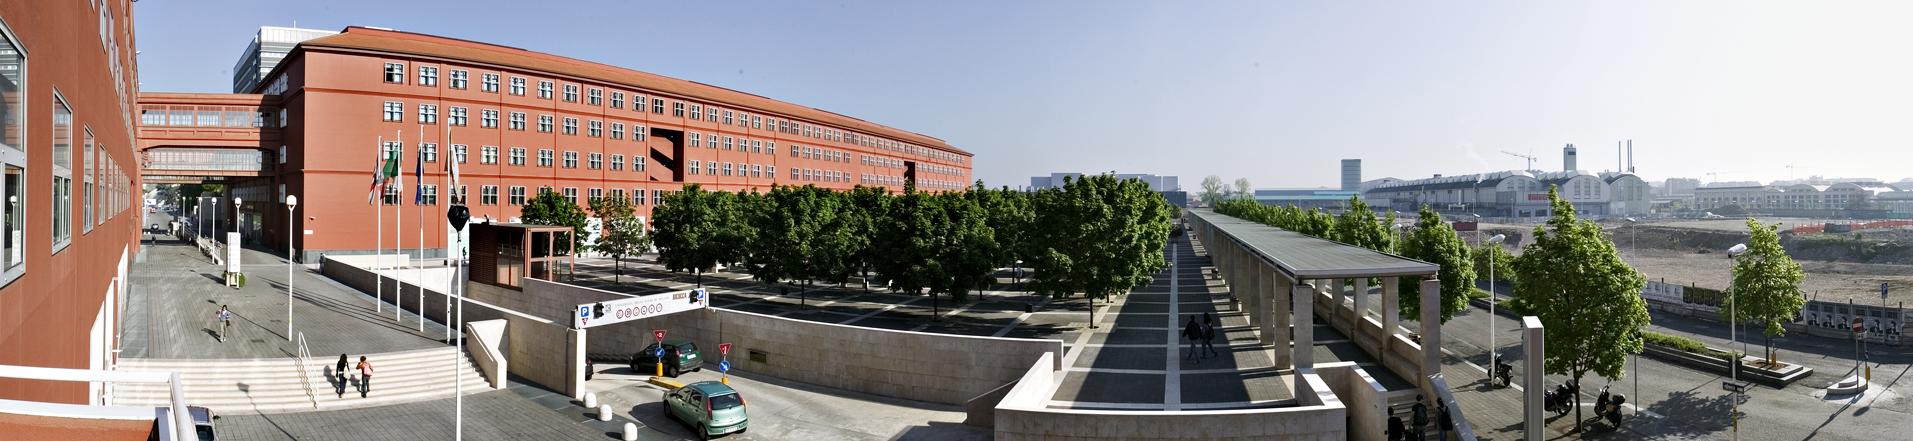 edificio u6 e u7